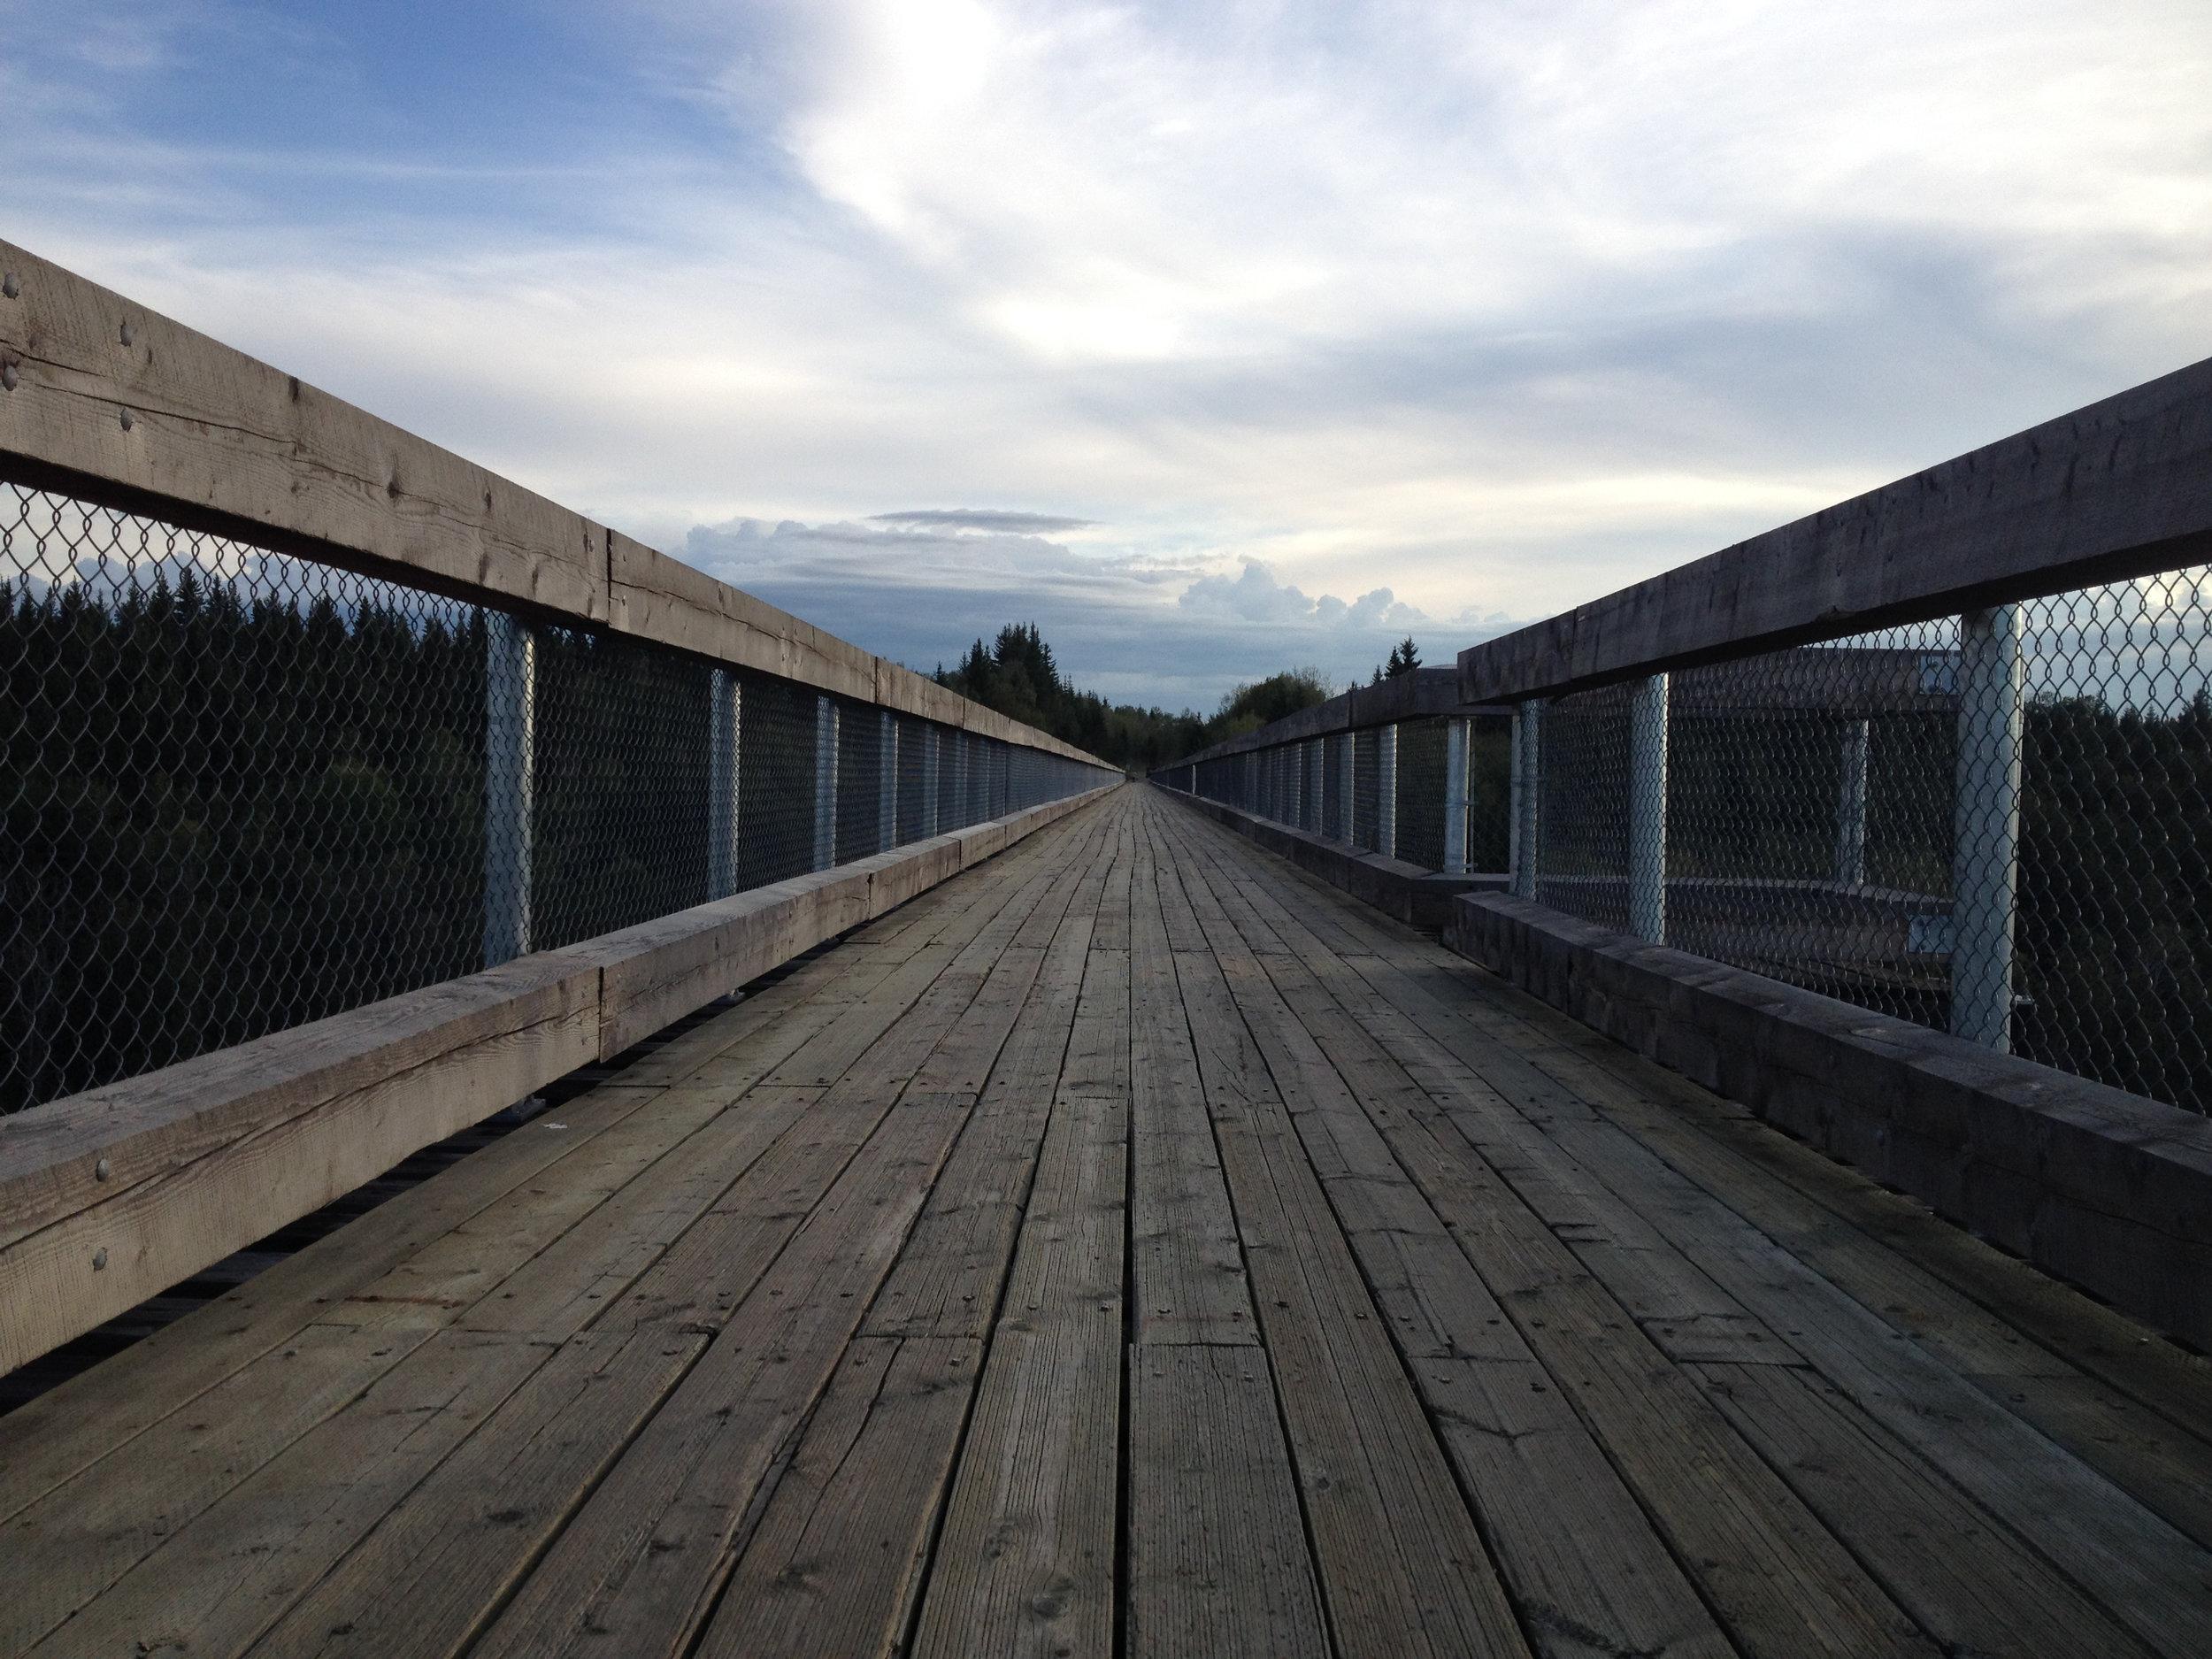 The bridge deck is 2-3m wide